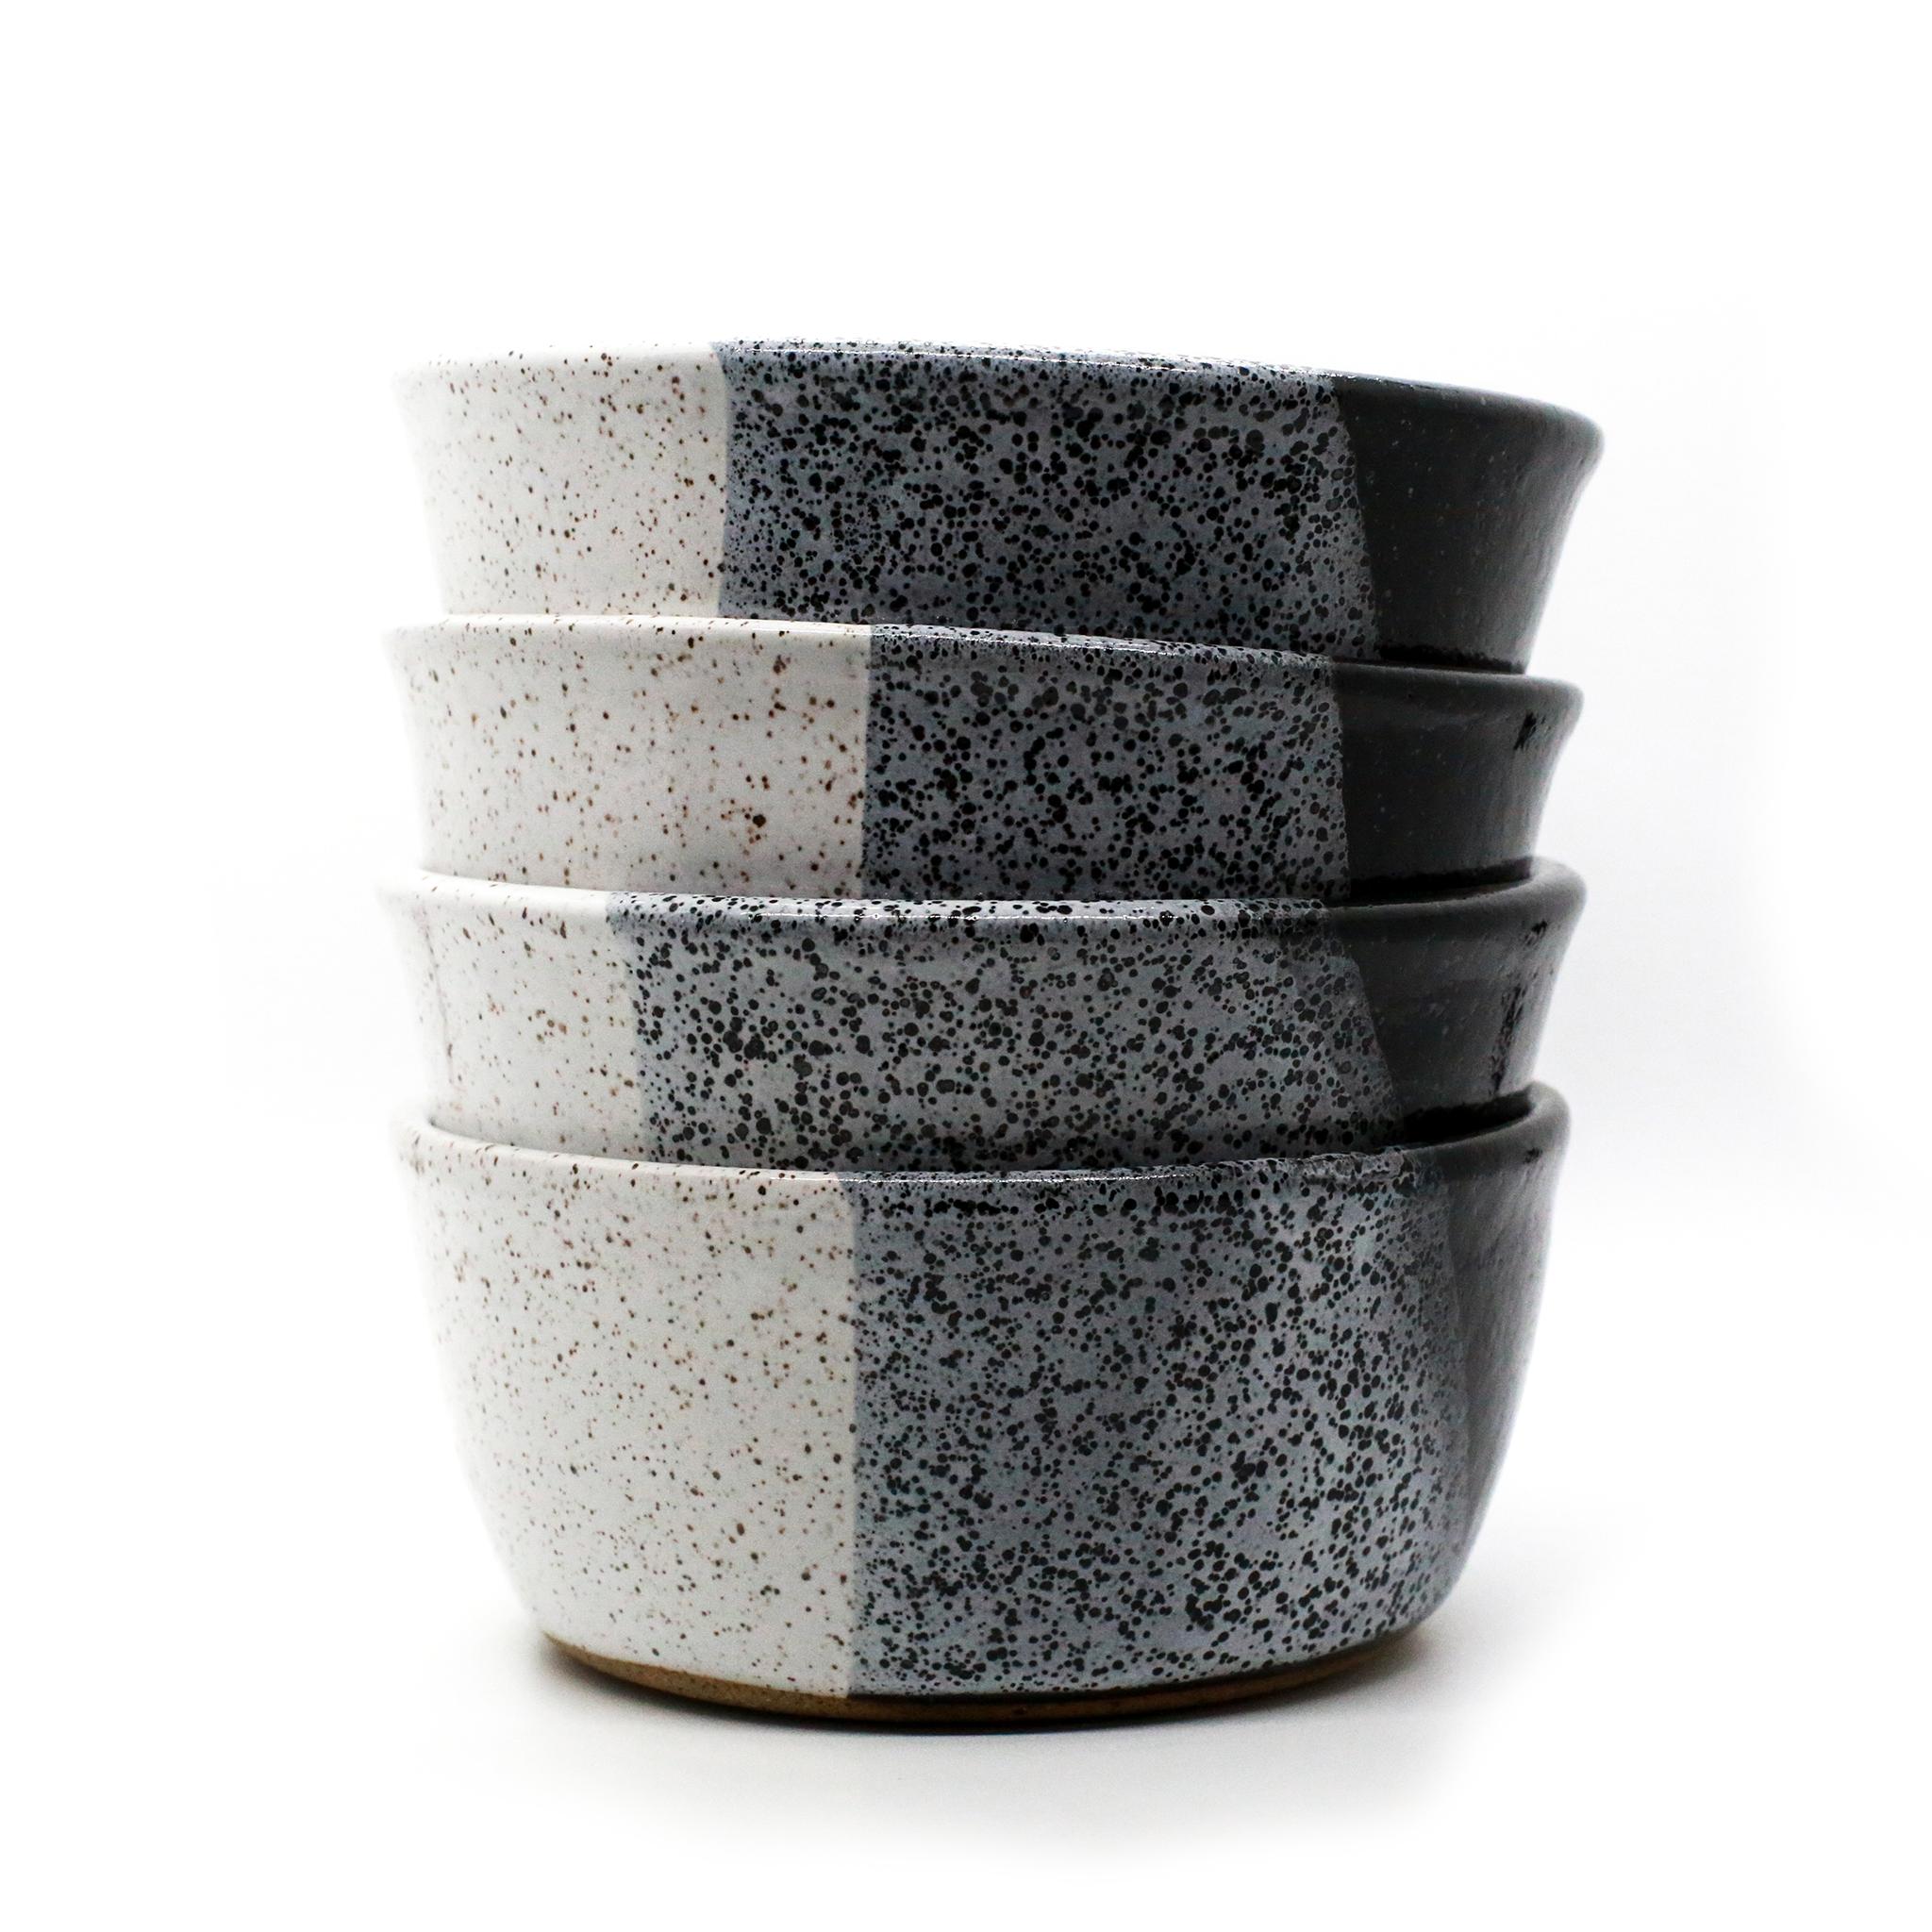 Black & White Cereal Bowl